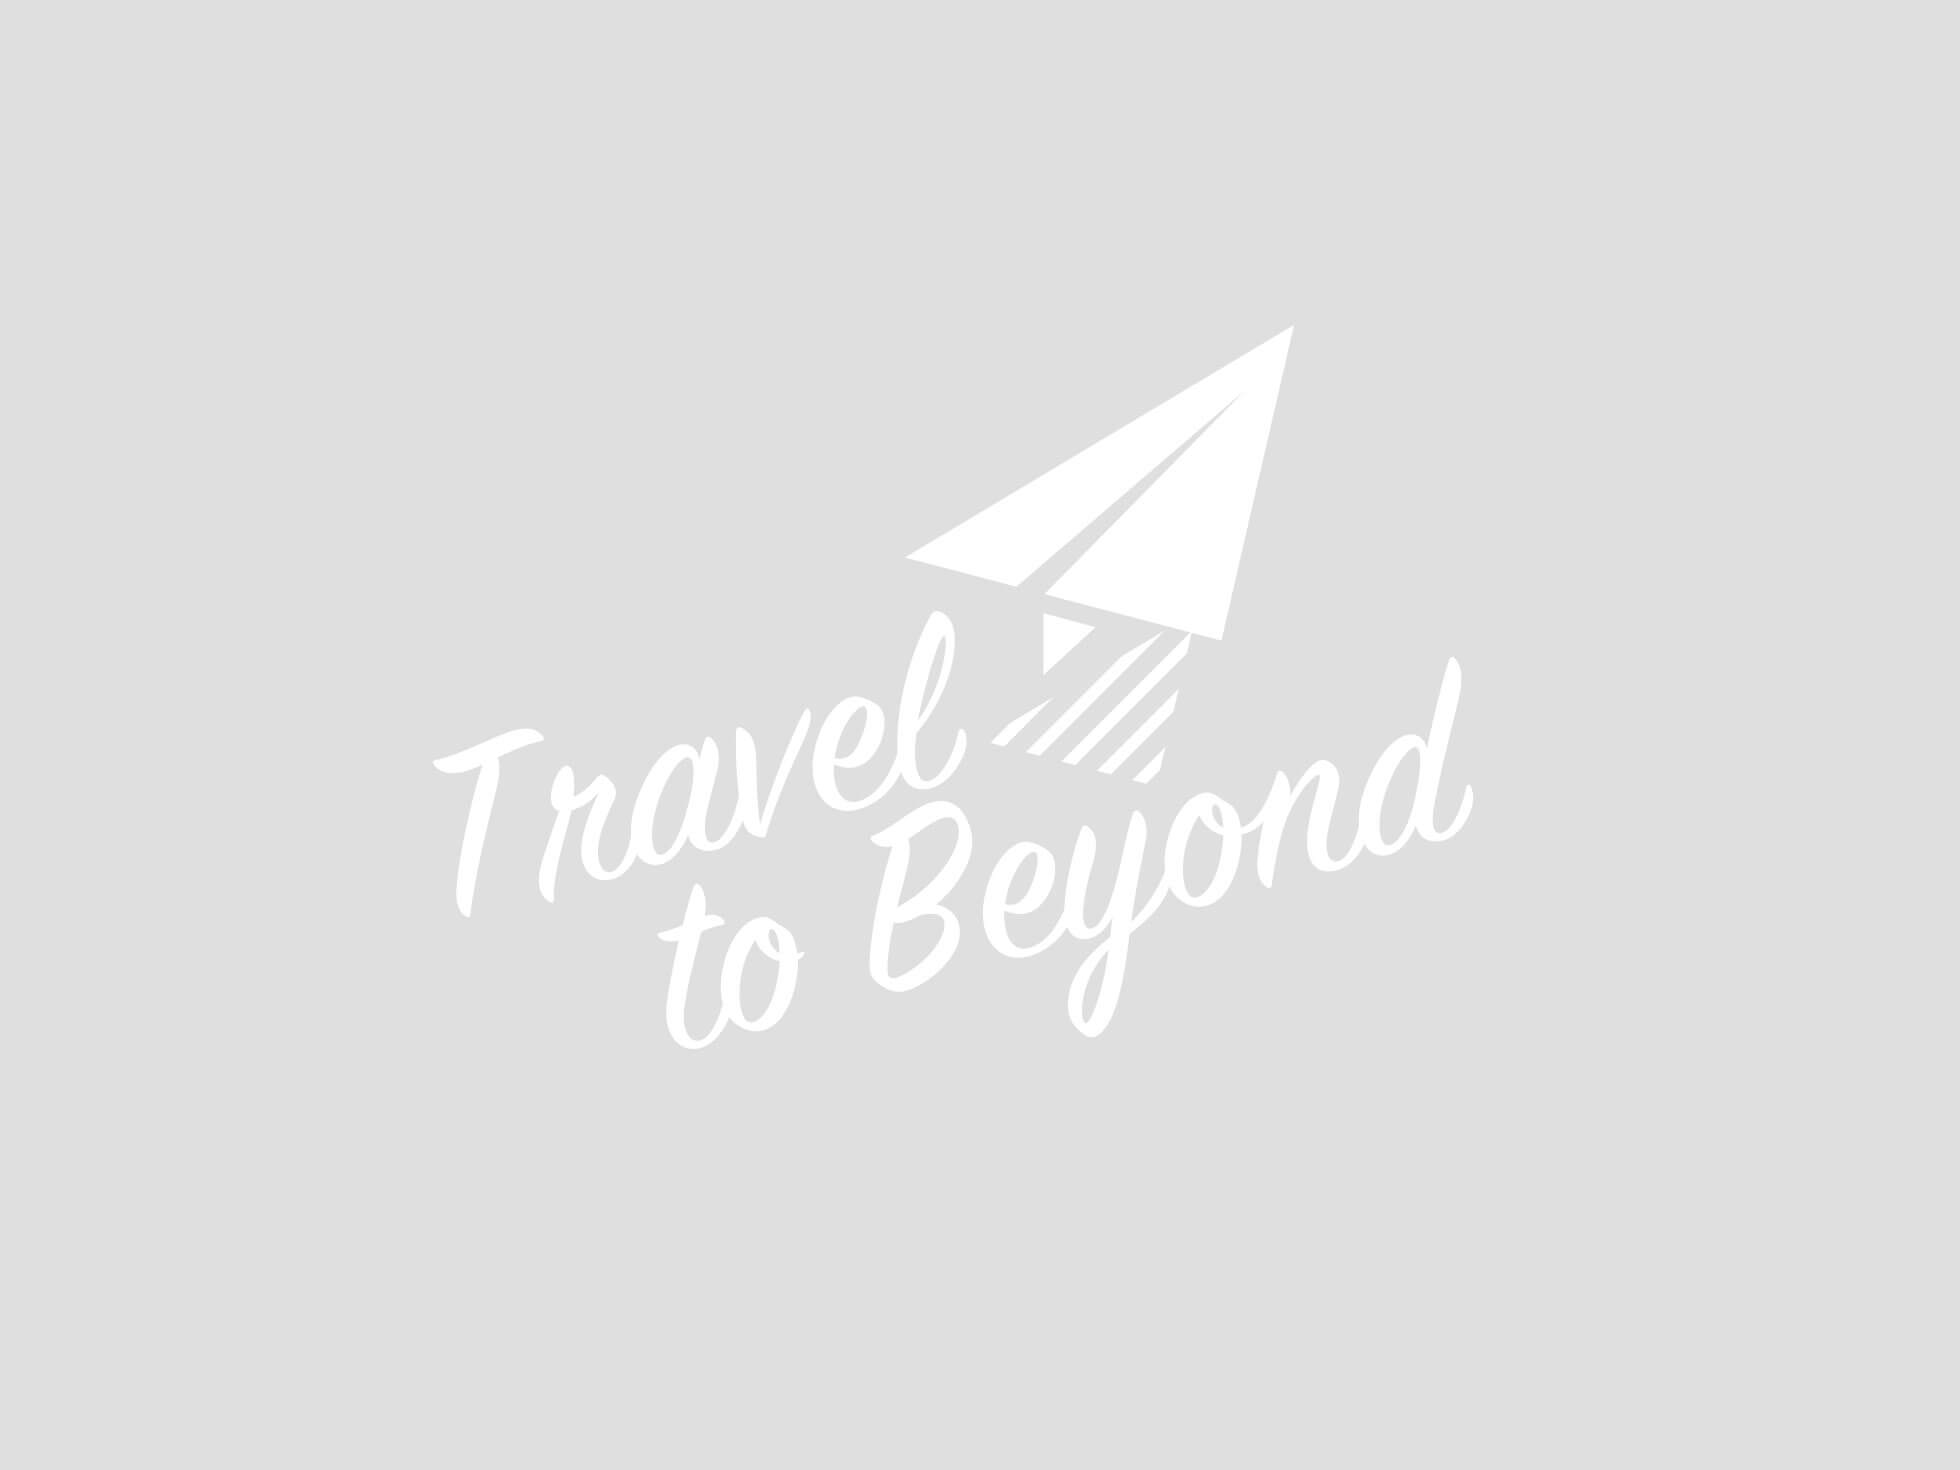 トラベヨのロゴ入り背景画像